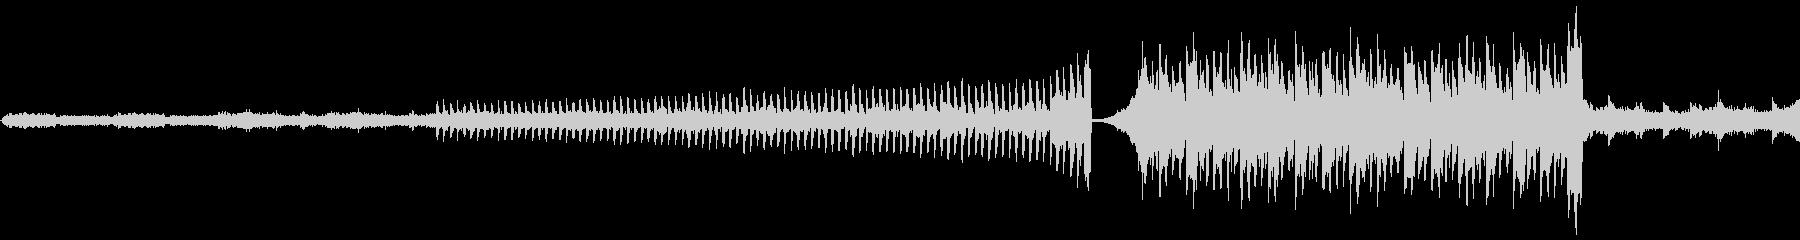 サンプリング音源を多用して実験的に制作…の未再生の波形